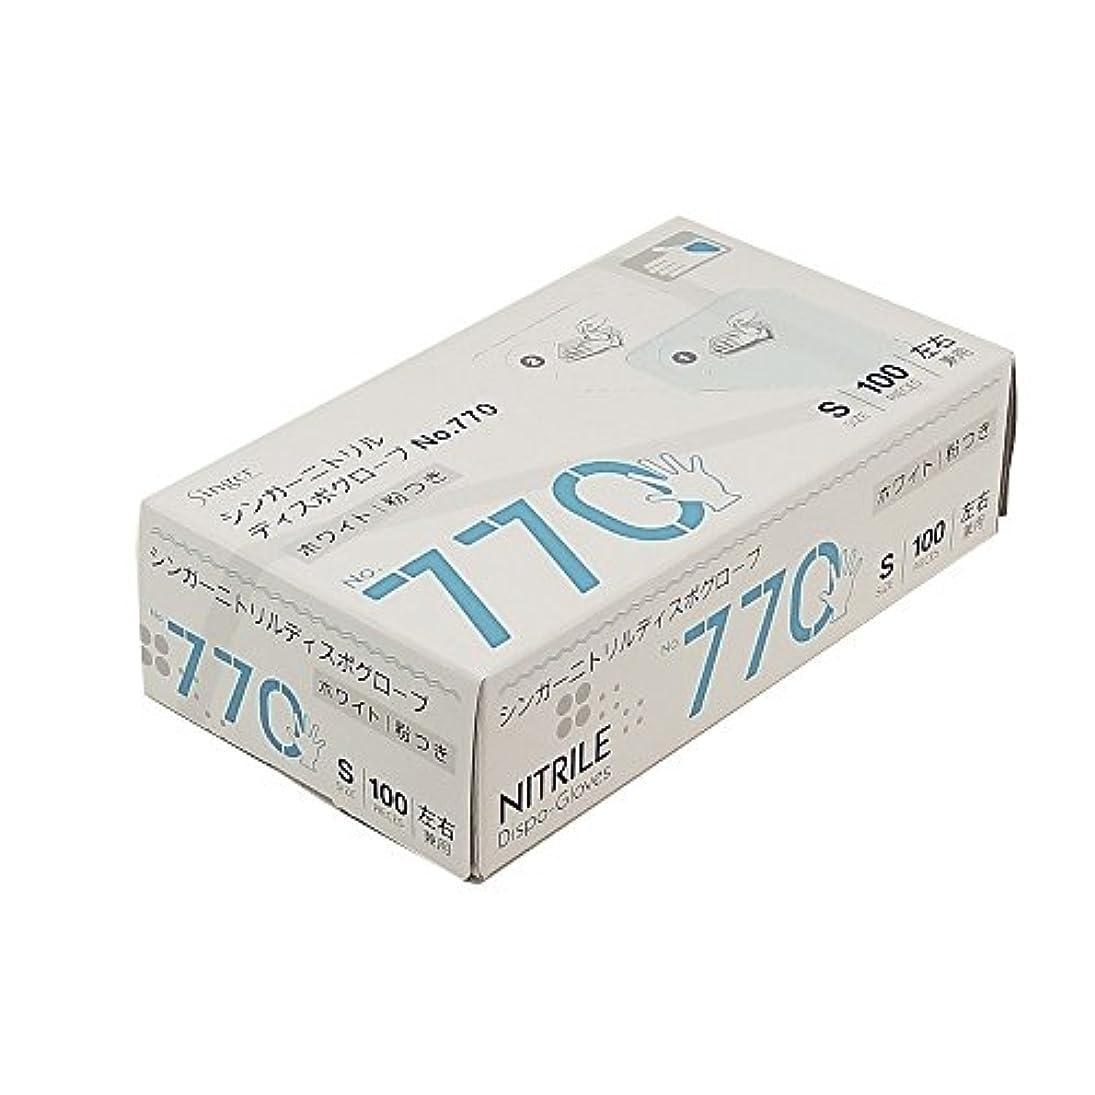 フロント生理処方する宇都宮製作 ディスポ手袋 シンガーニトリルディスポグローブ No.770 ホワイト 粉付 100枚入  S